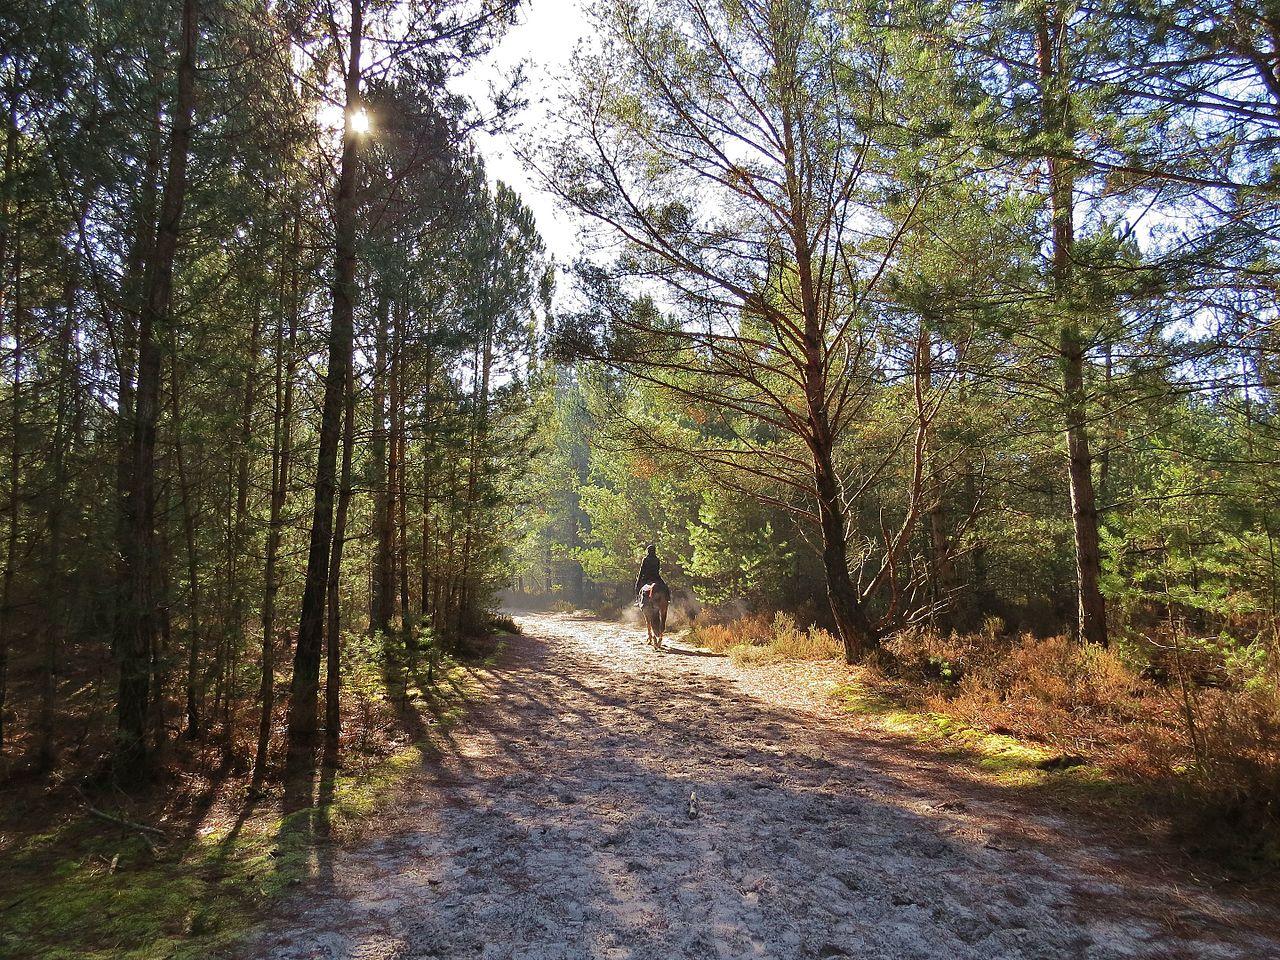 Parc naturel régional du Gâtinais By Cecile Petit CC BY-SA 4.0 via Wikimedia Commons